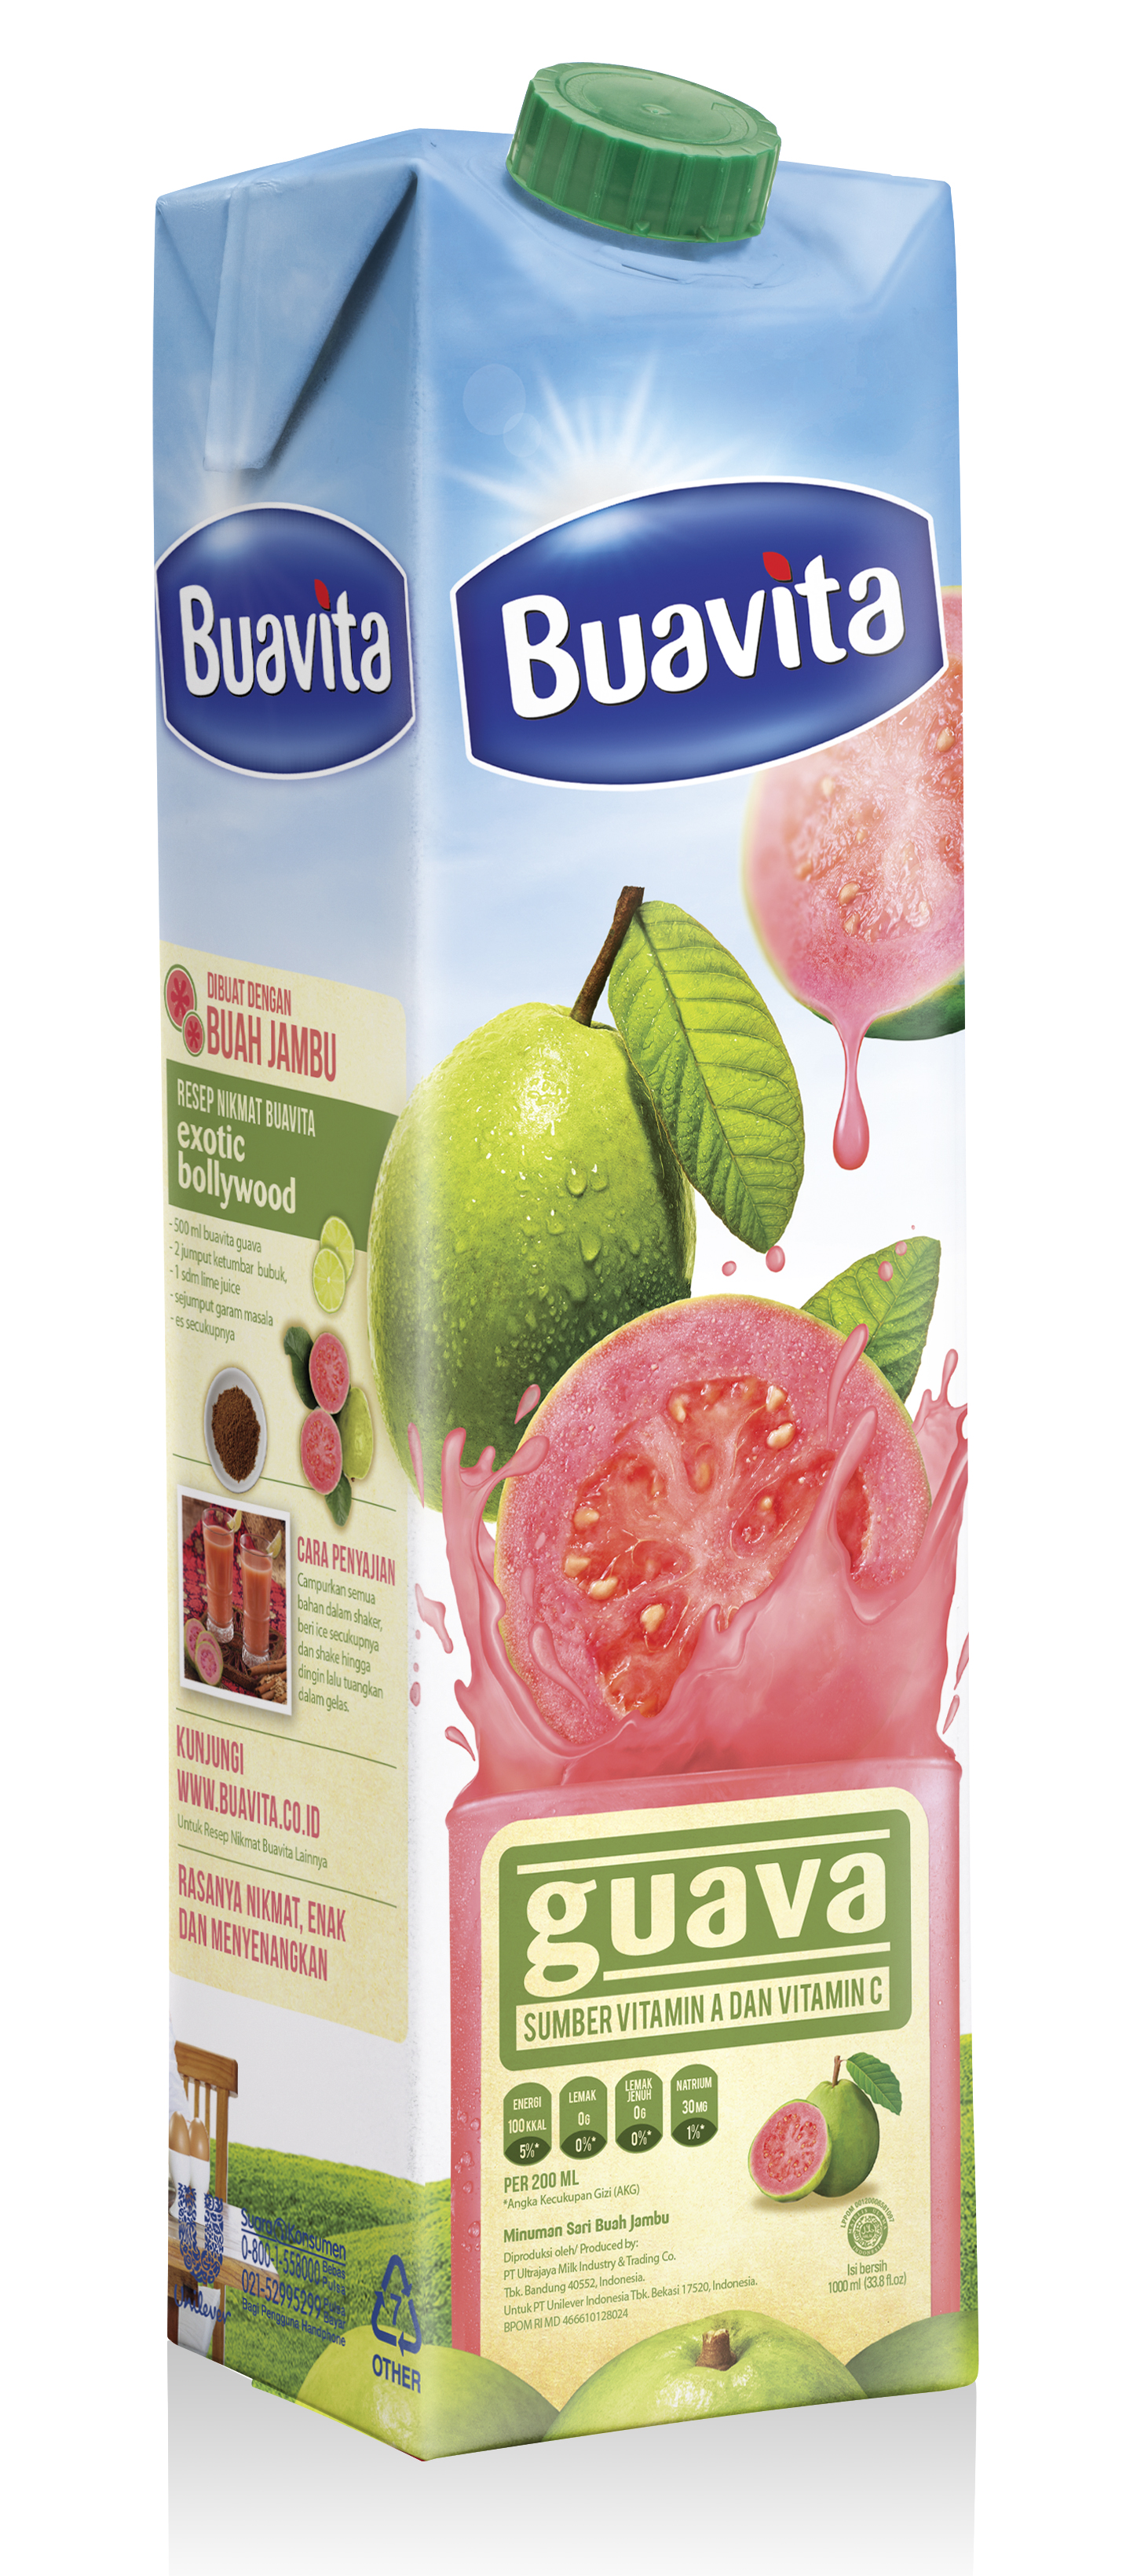 Manfaat Buavita Guava